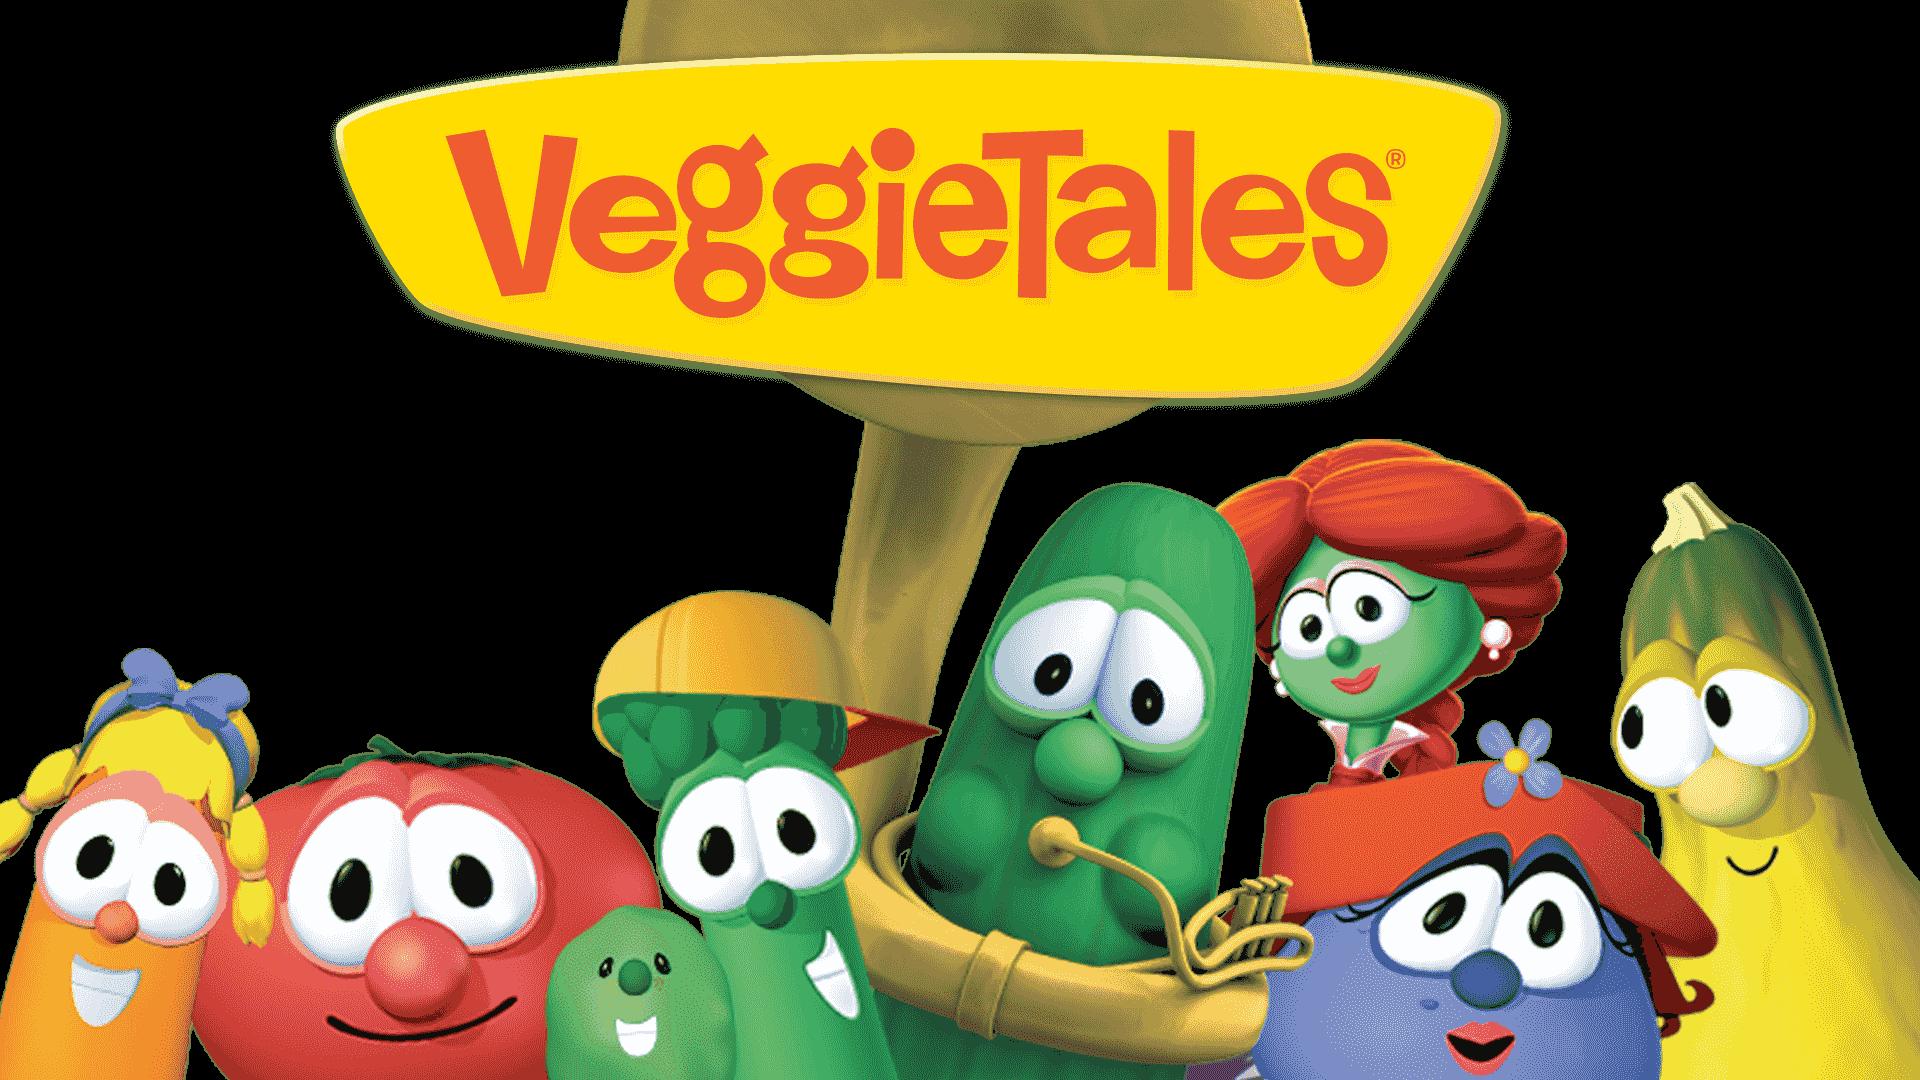 Veggietales show logo transparent